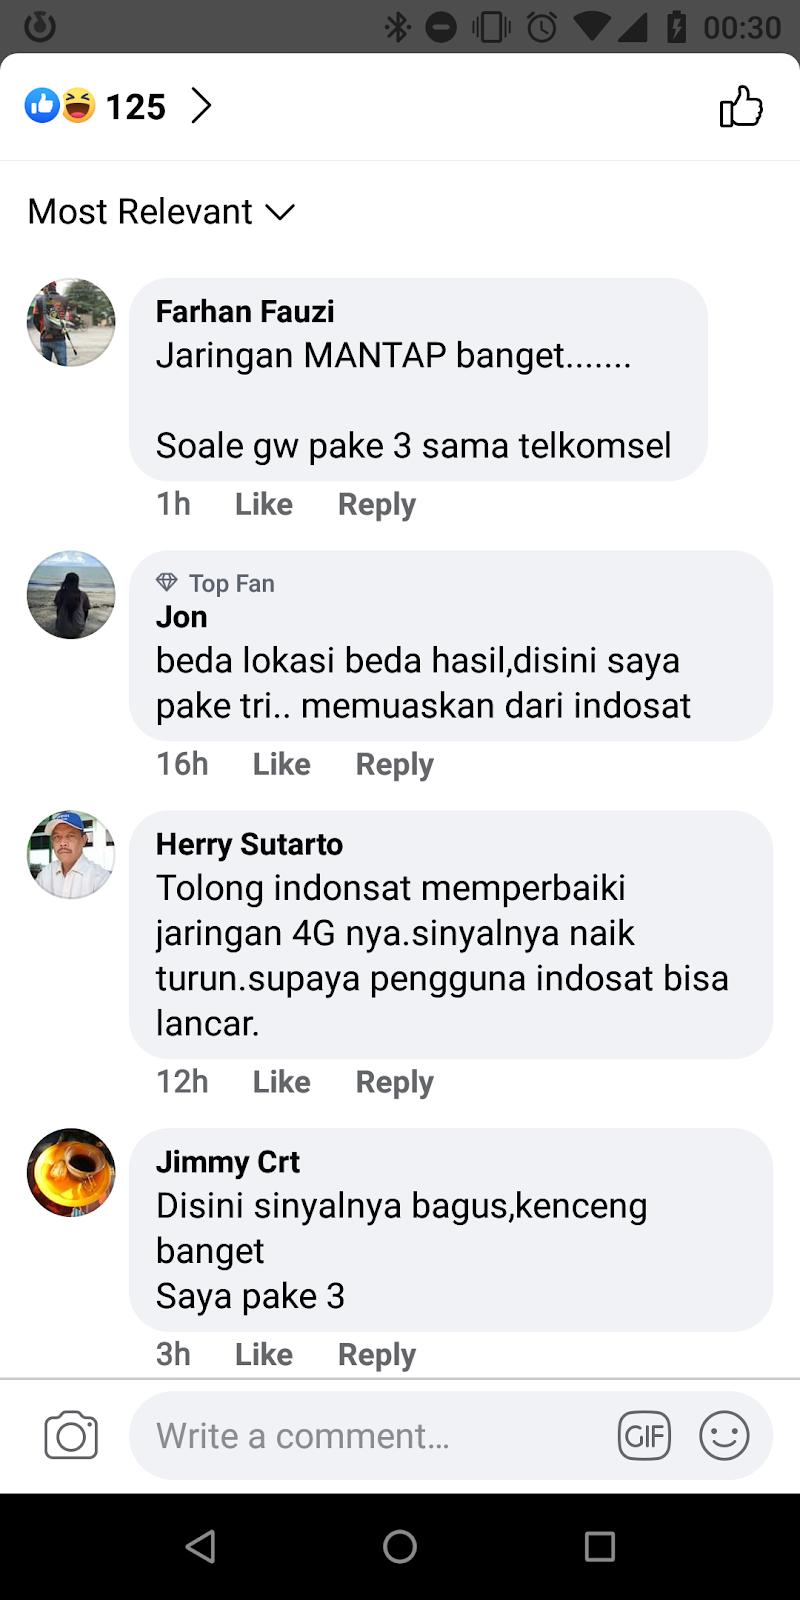 Komentar Netizen di Iklan IDN Times Terkait Promo Indosat